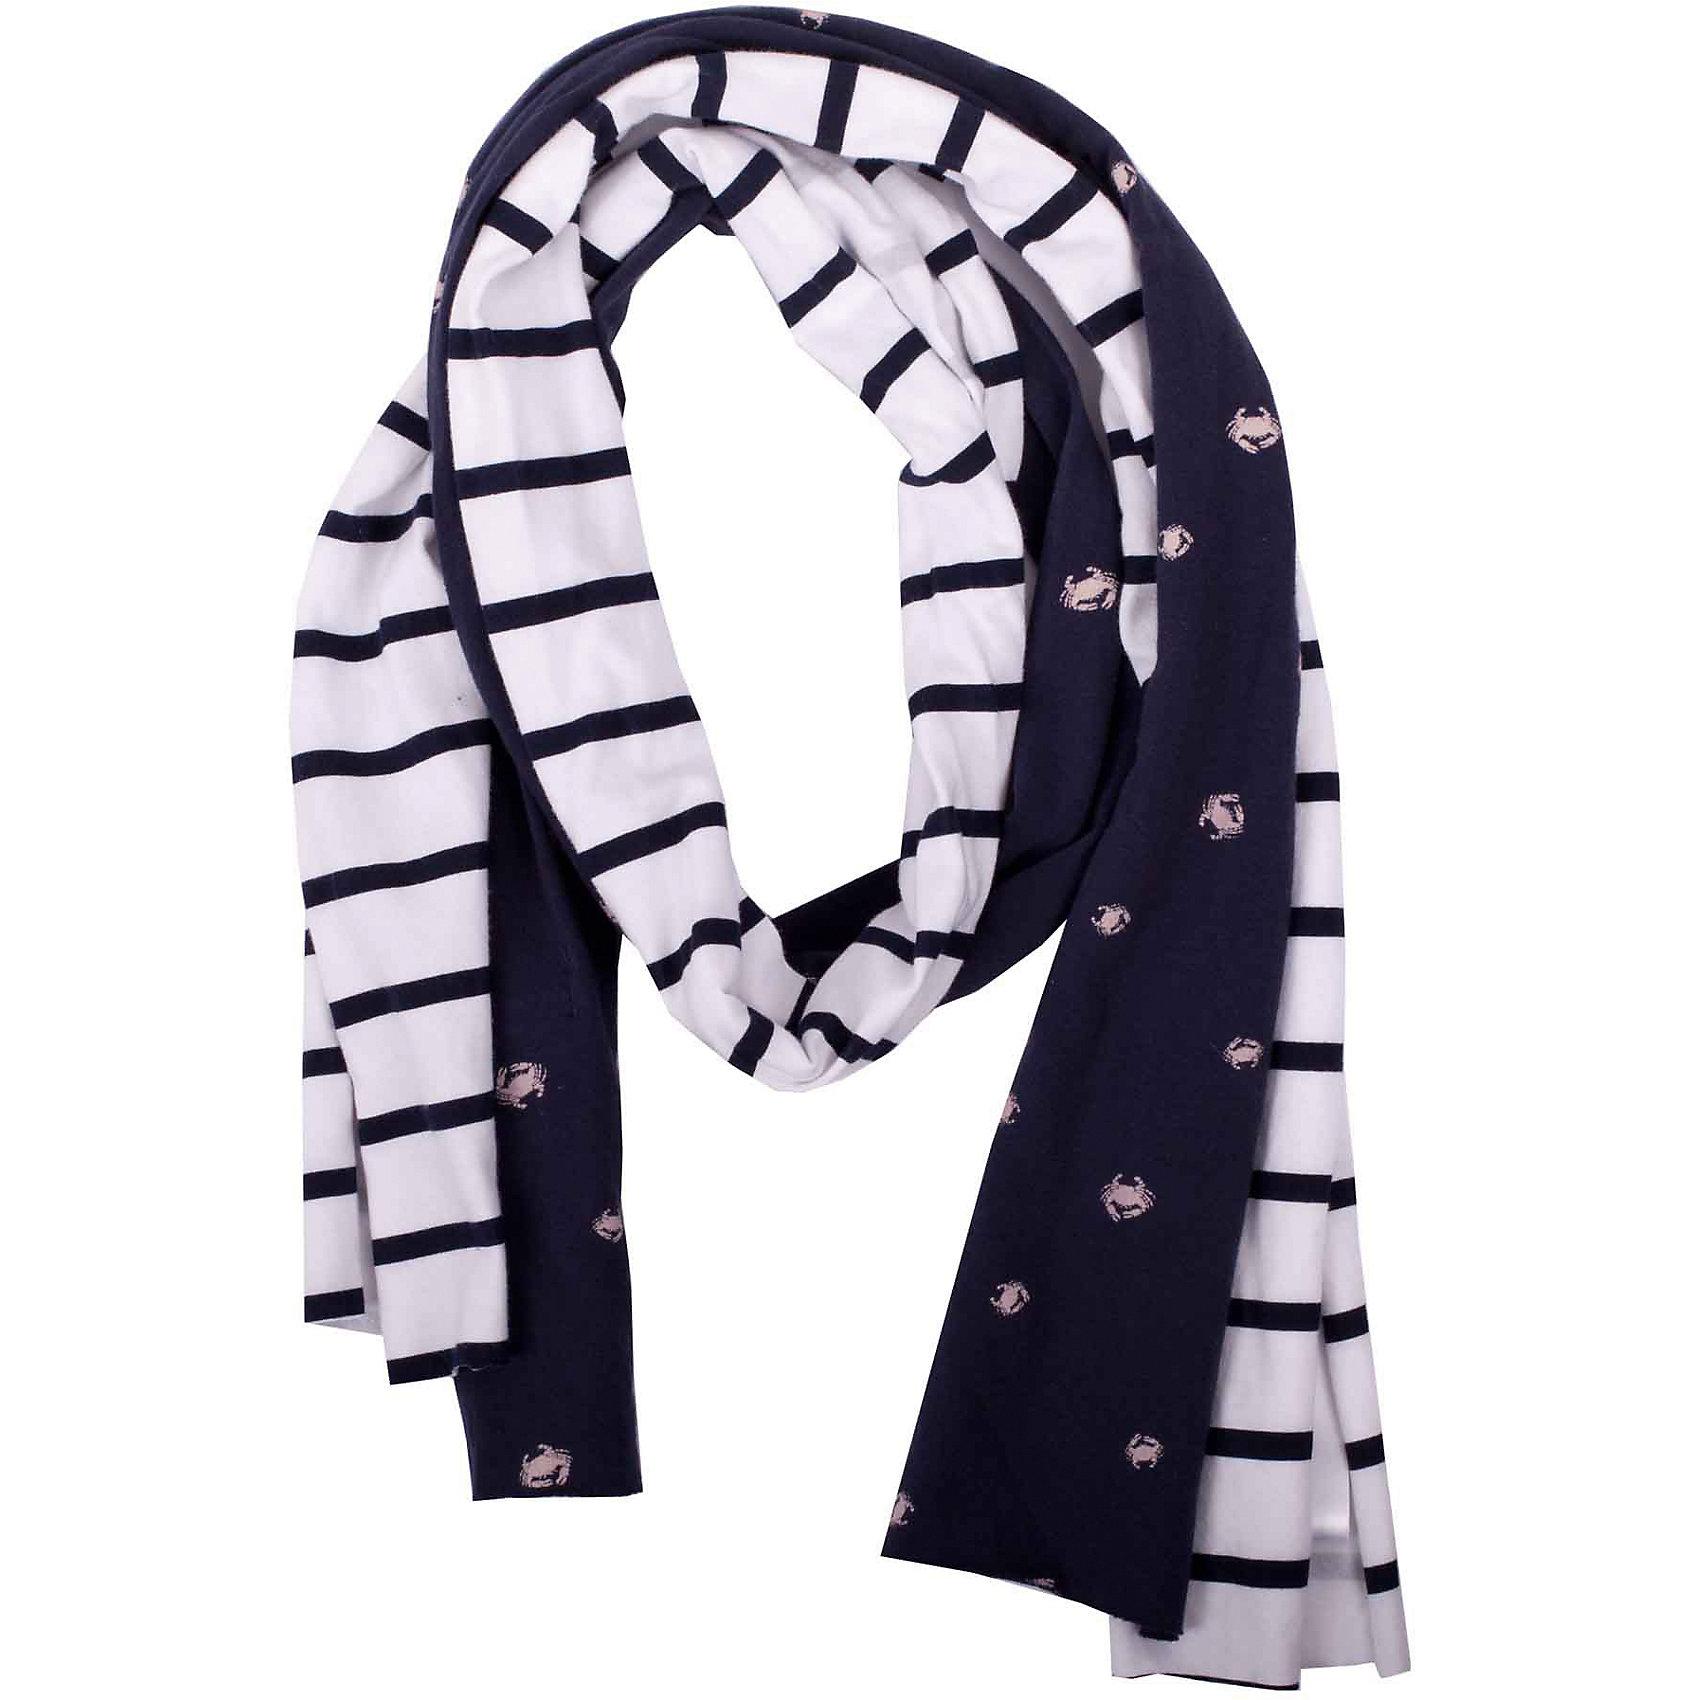 Шарф (2 шт) для девочки GulliverШарфы, платки<br>Замечательный комплект из двух шарфов позволит насладиться возможностью поэкспериментировать. Каждый по отдельности и два вместе идеально дополнят стильный look. Длинные трикотажные полоски можно скрутить жгутом или косичкой, а также сделать мягкие узлы по краям... Если вы любите подчеркнуть стиль и индивидуальность посредством аксессуаров, вам стоит купить комплект из двух интересных шарфов, сделав весенний и летний гардероб ребенка интересным и разнообразным.<br>Состав:<br>95% хлопок      5% эластан<br><br>Ширина мм: 88<br>Глубина мм: 155<br>Высота мм: 26<br>Вес г: 106<br>Цвет: синий<br>Возраст от месяцев: 24<br>Возраст до месяцев: 72<br>Пол: Женский<br>Возраст: Детский<br>Размер: one size<br>SKU: 5483741